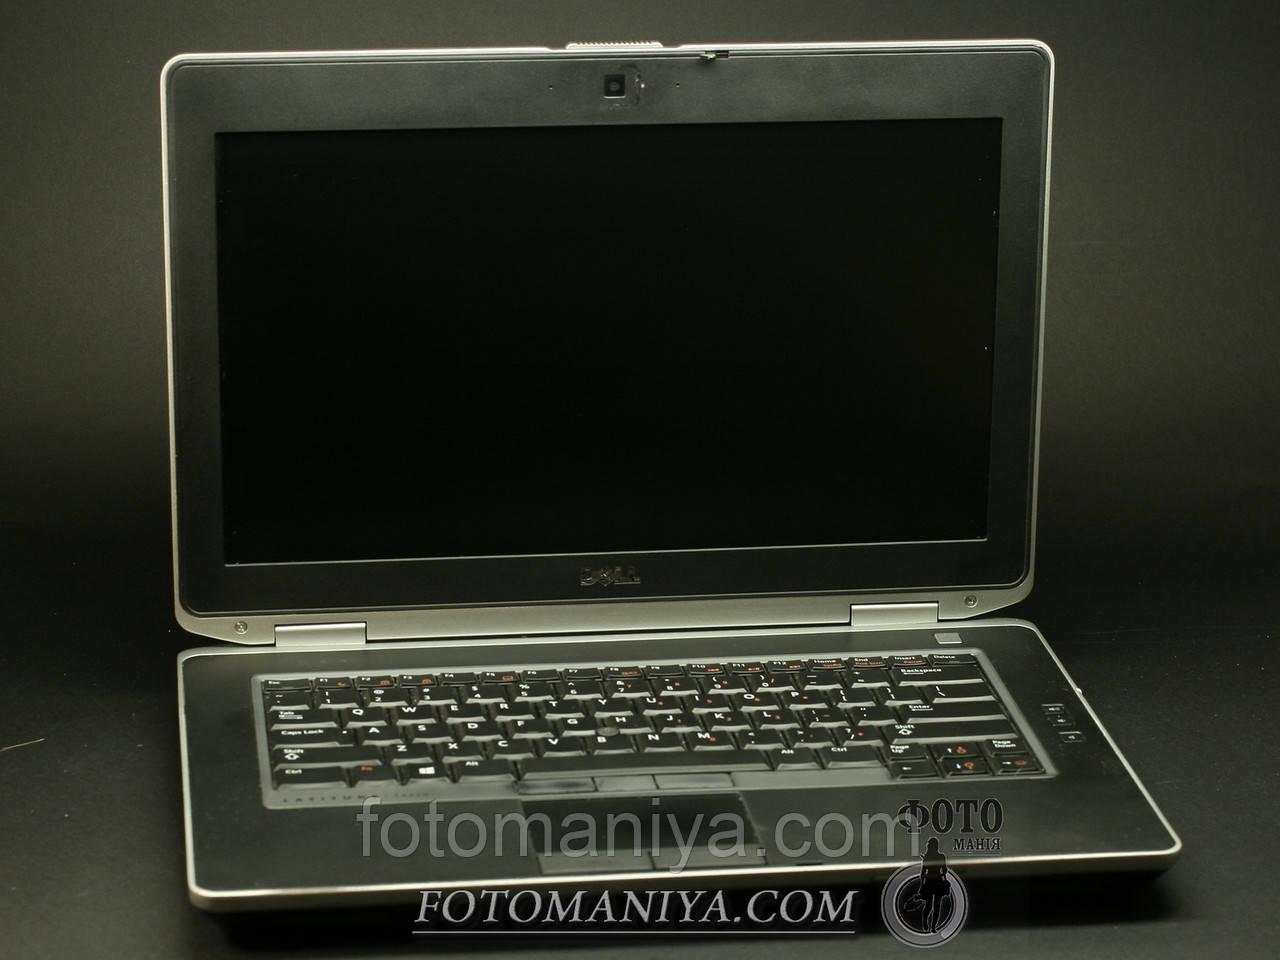 Dell Latitude E6430 Core I7-3740QM 2.7GHz  8Gb DDR3 500Gb 14 1366x768 Nvidia NVS 5200M